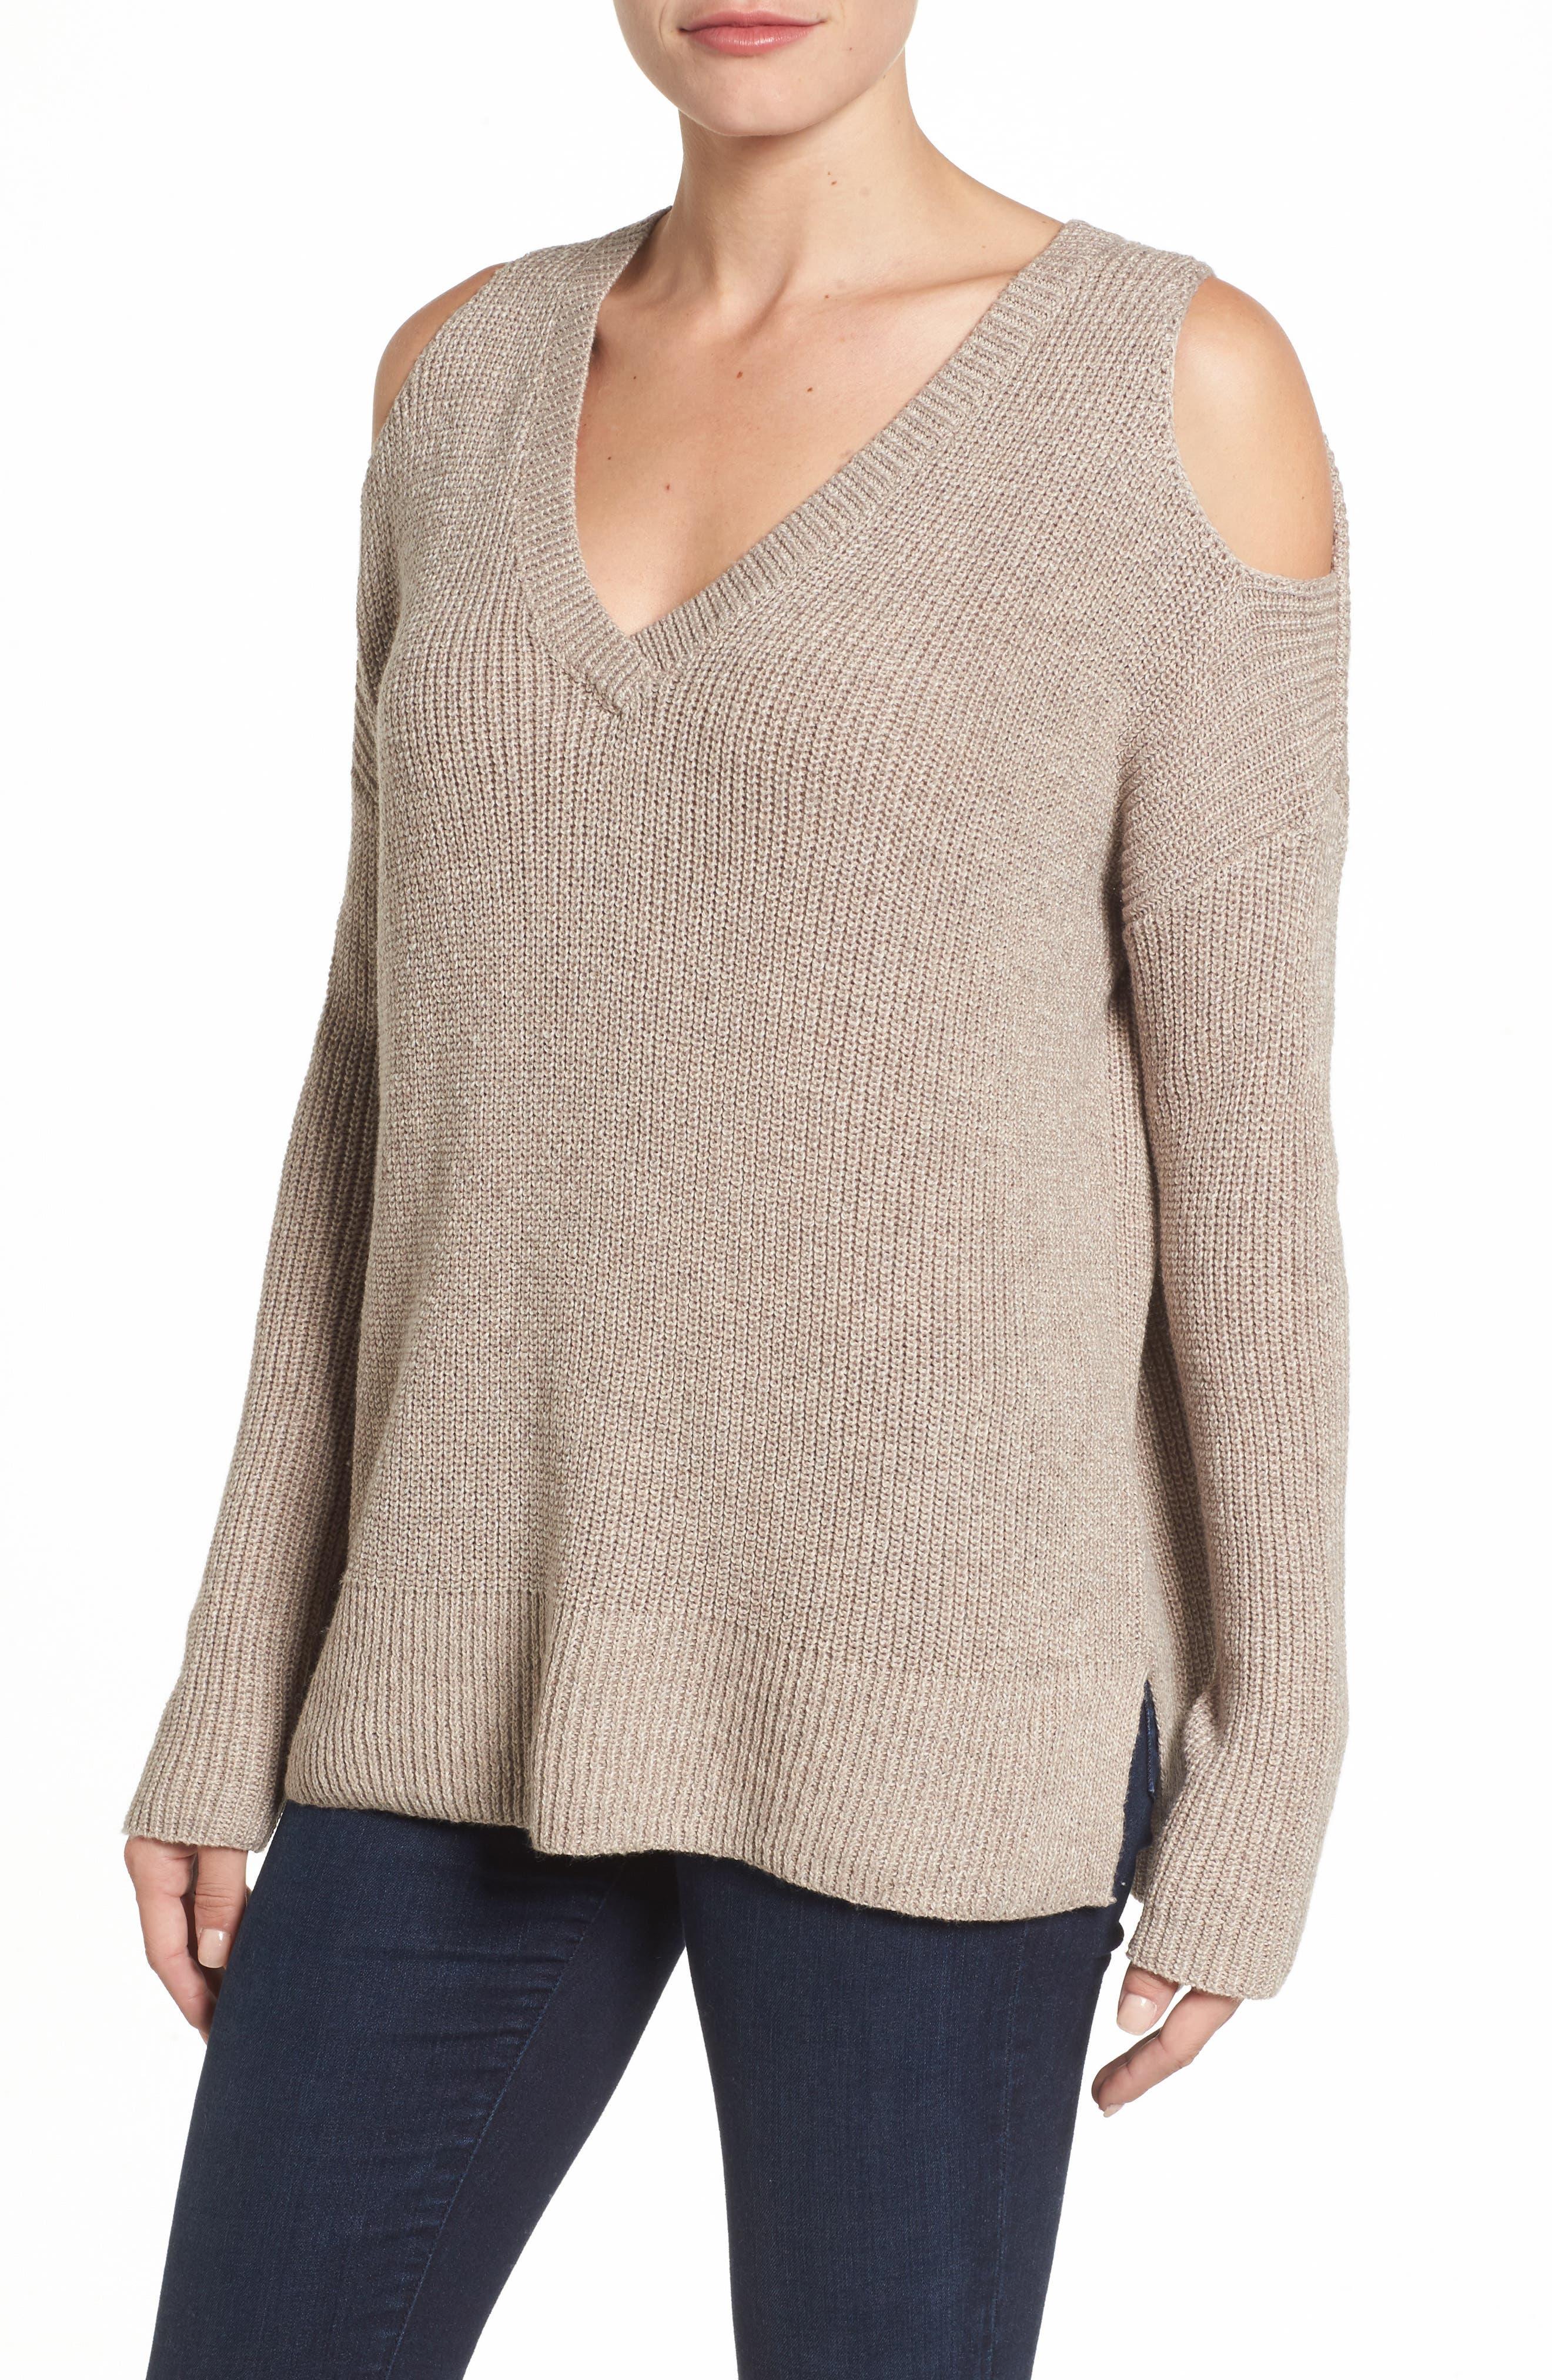 Cold Shoulder Tunic Sweater,                         Main,                         color, Heather Tan Cobblestone